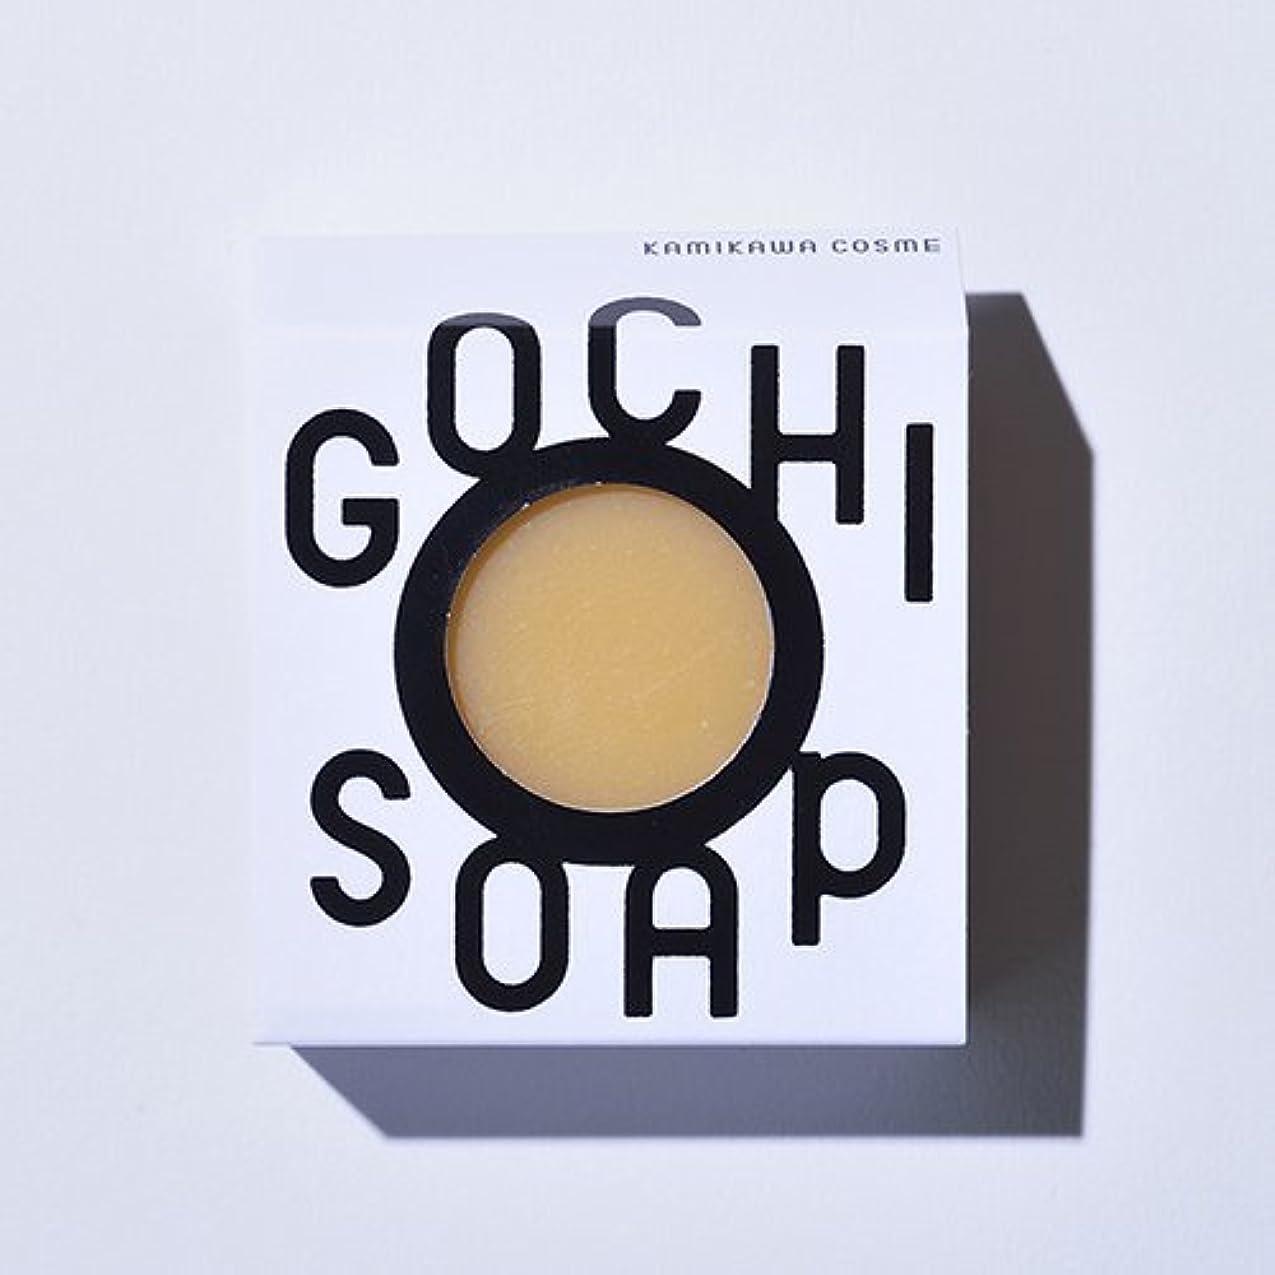 彼らの気を散らすすりGOCHI SOAP ゴチソープ 谷口農場のトマトソープ